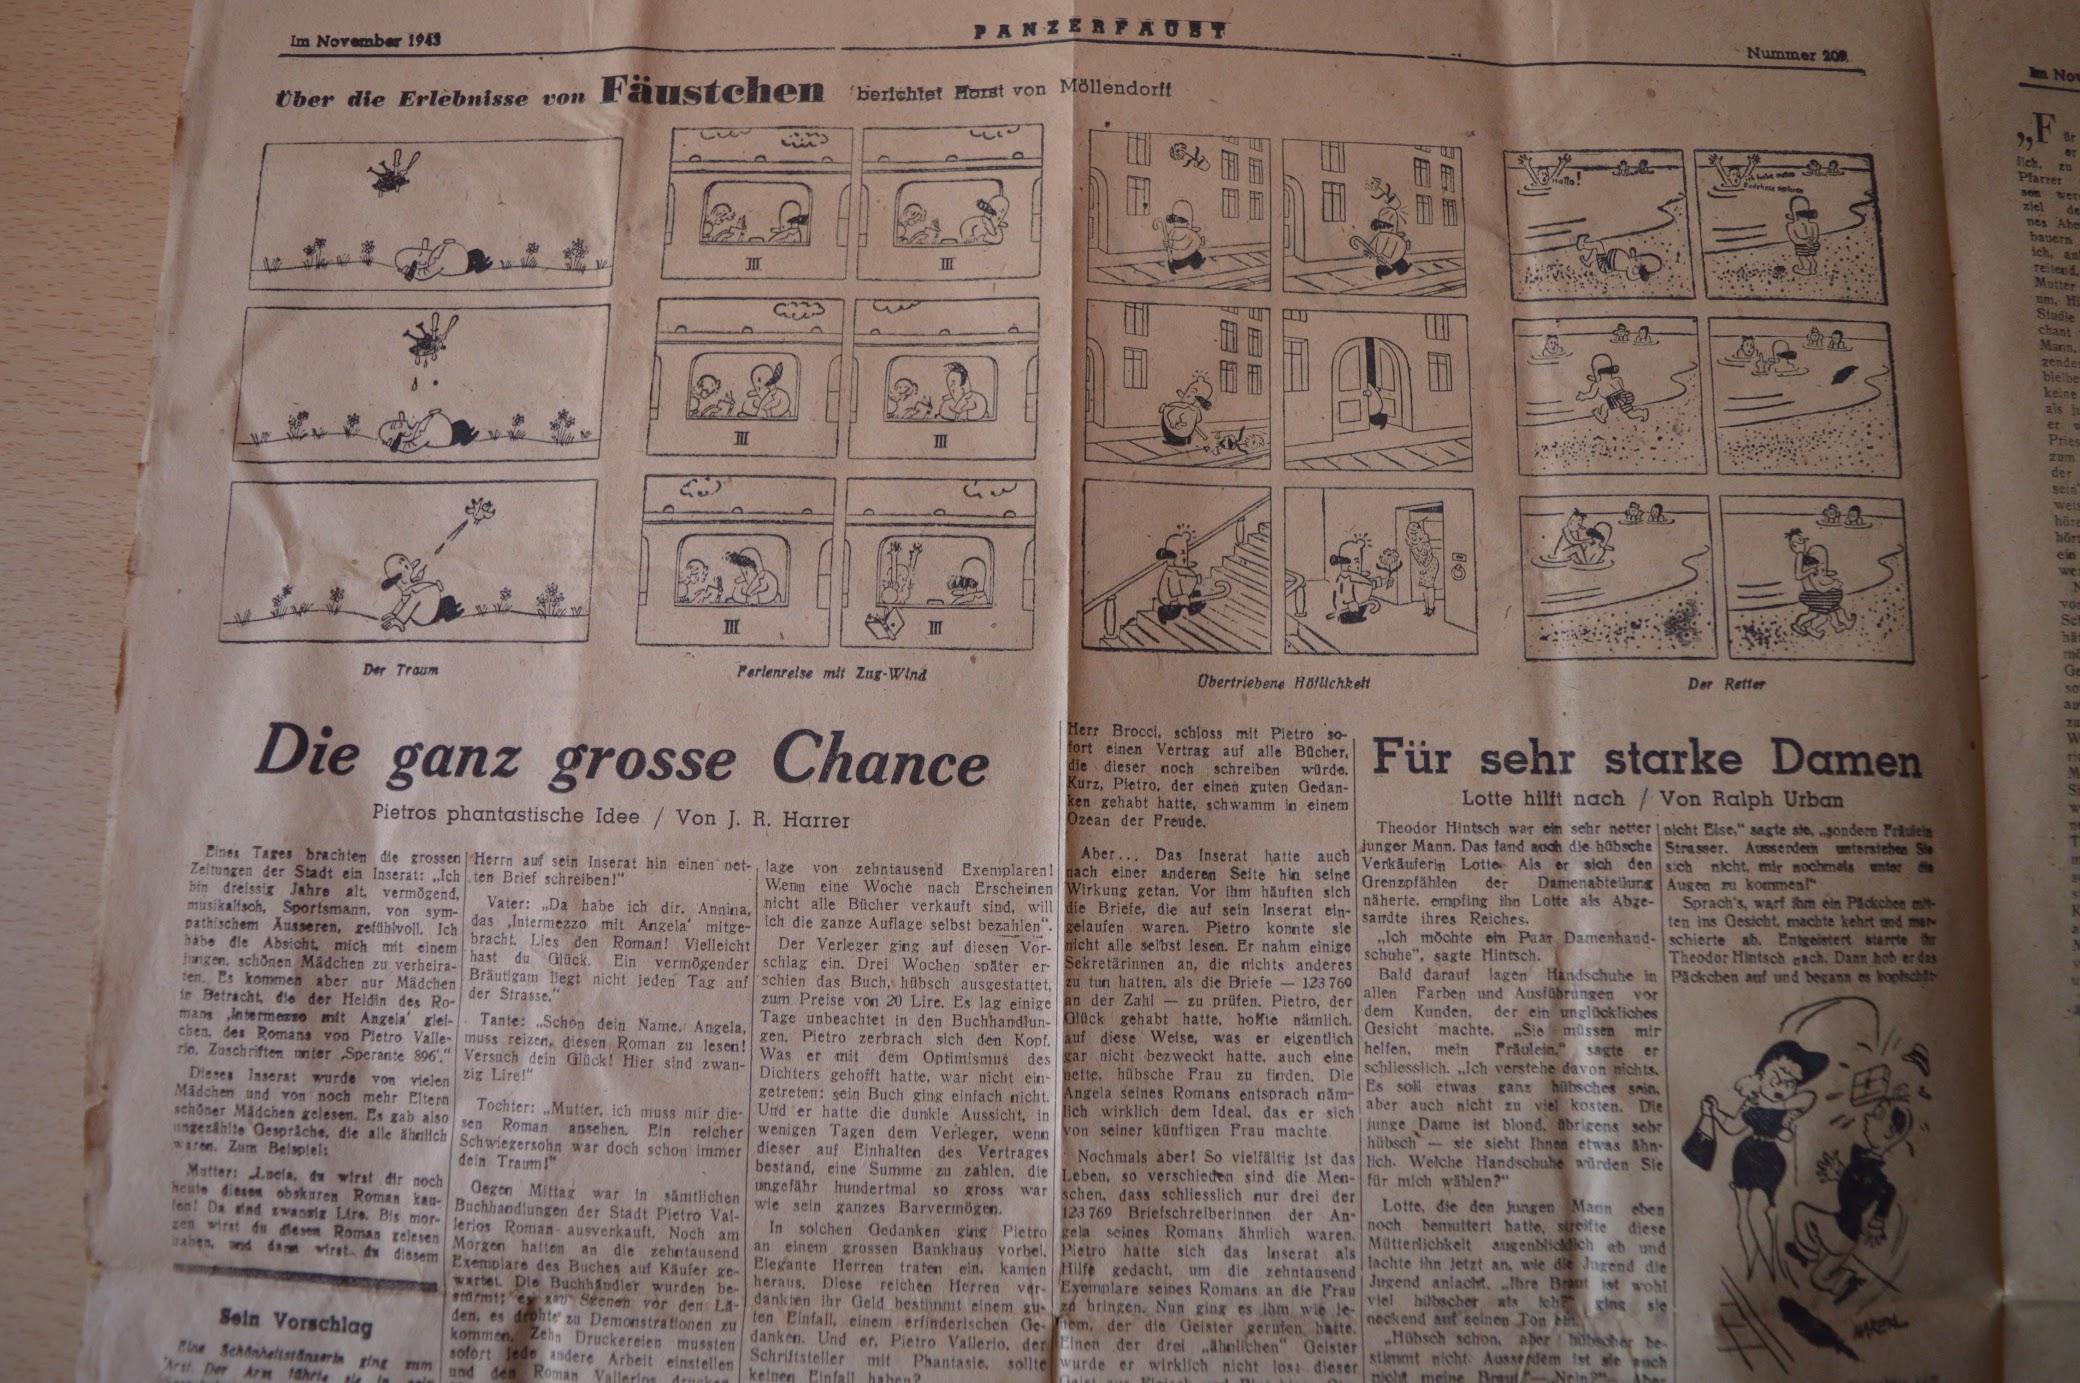 Soldatenzeitung an der Ostfront, Panzerfaust, November 1943